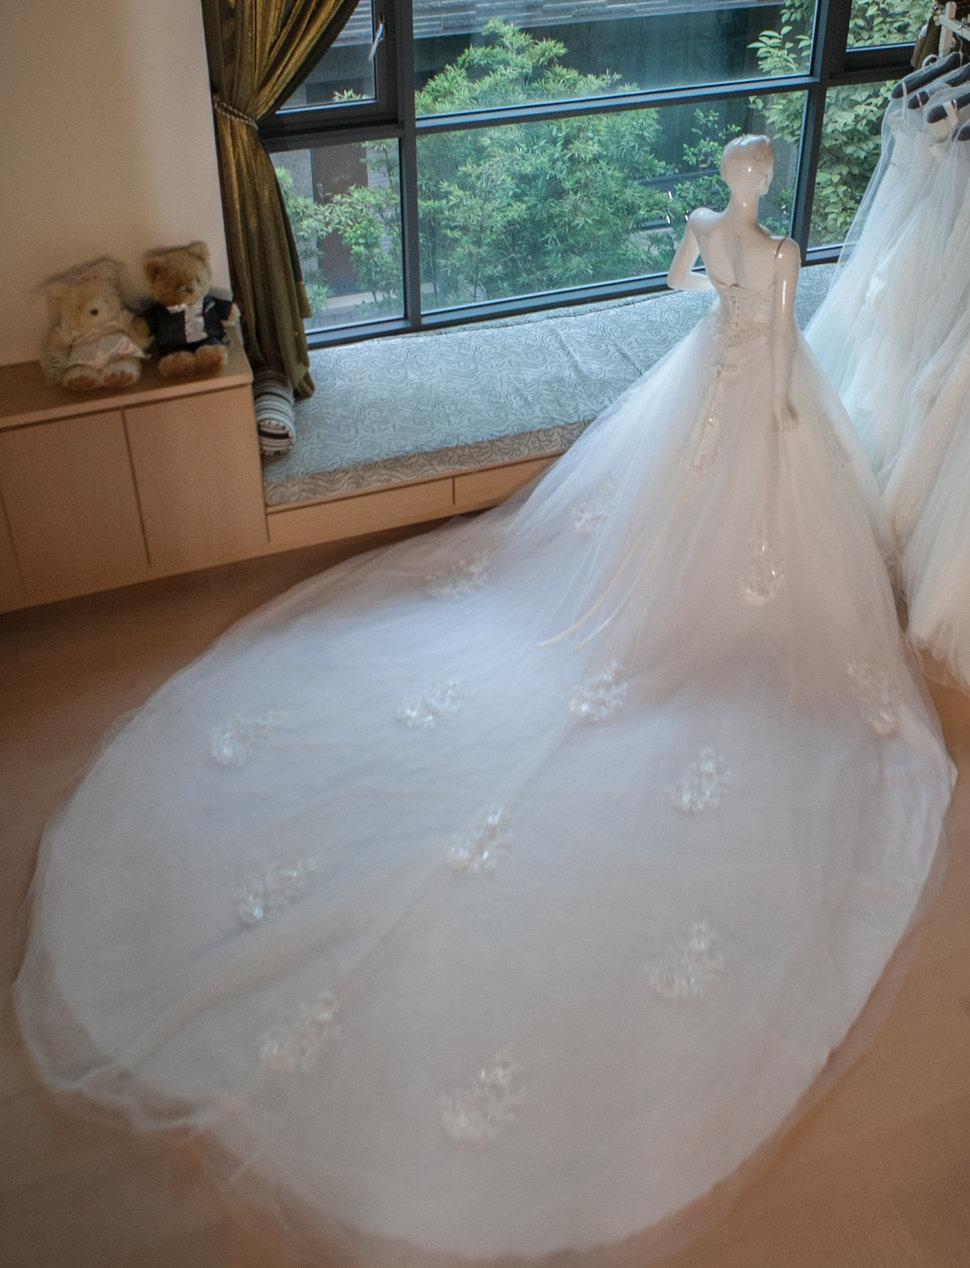 t-62 - 台中2號出口婚紗攝影工作室 - 結婚吧